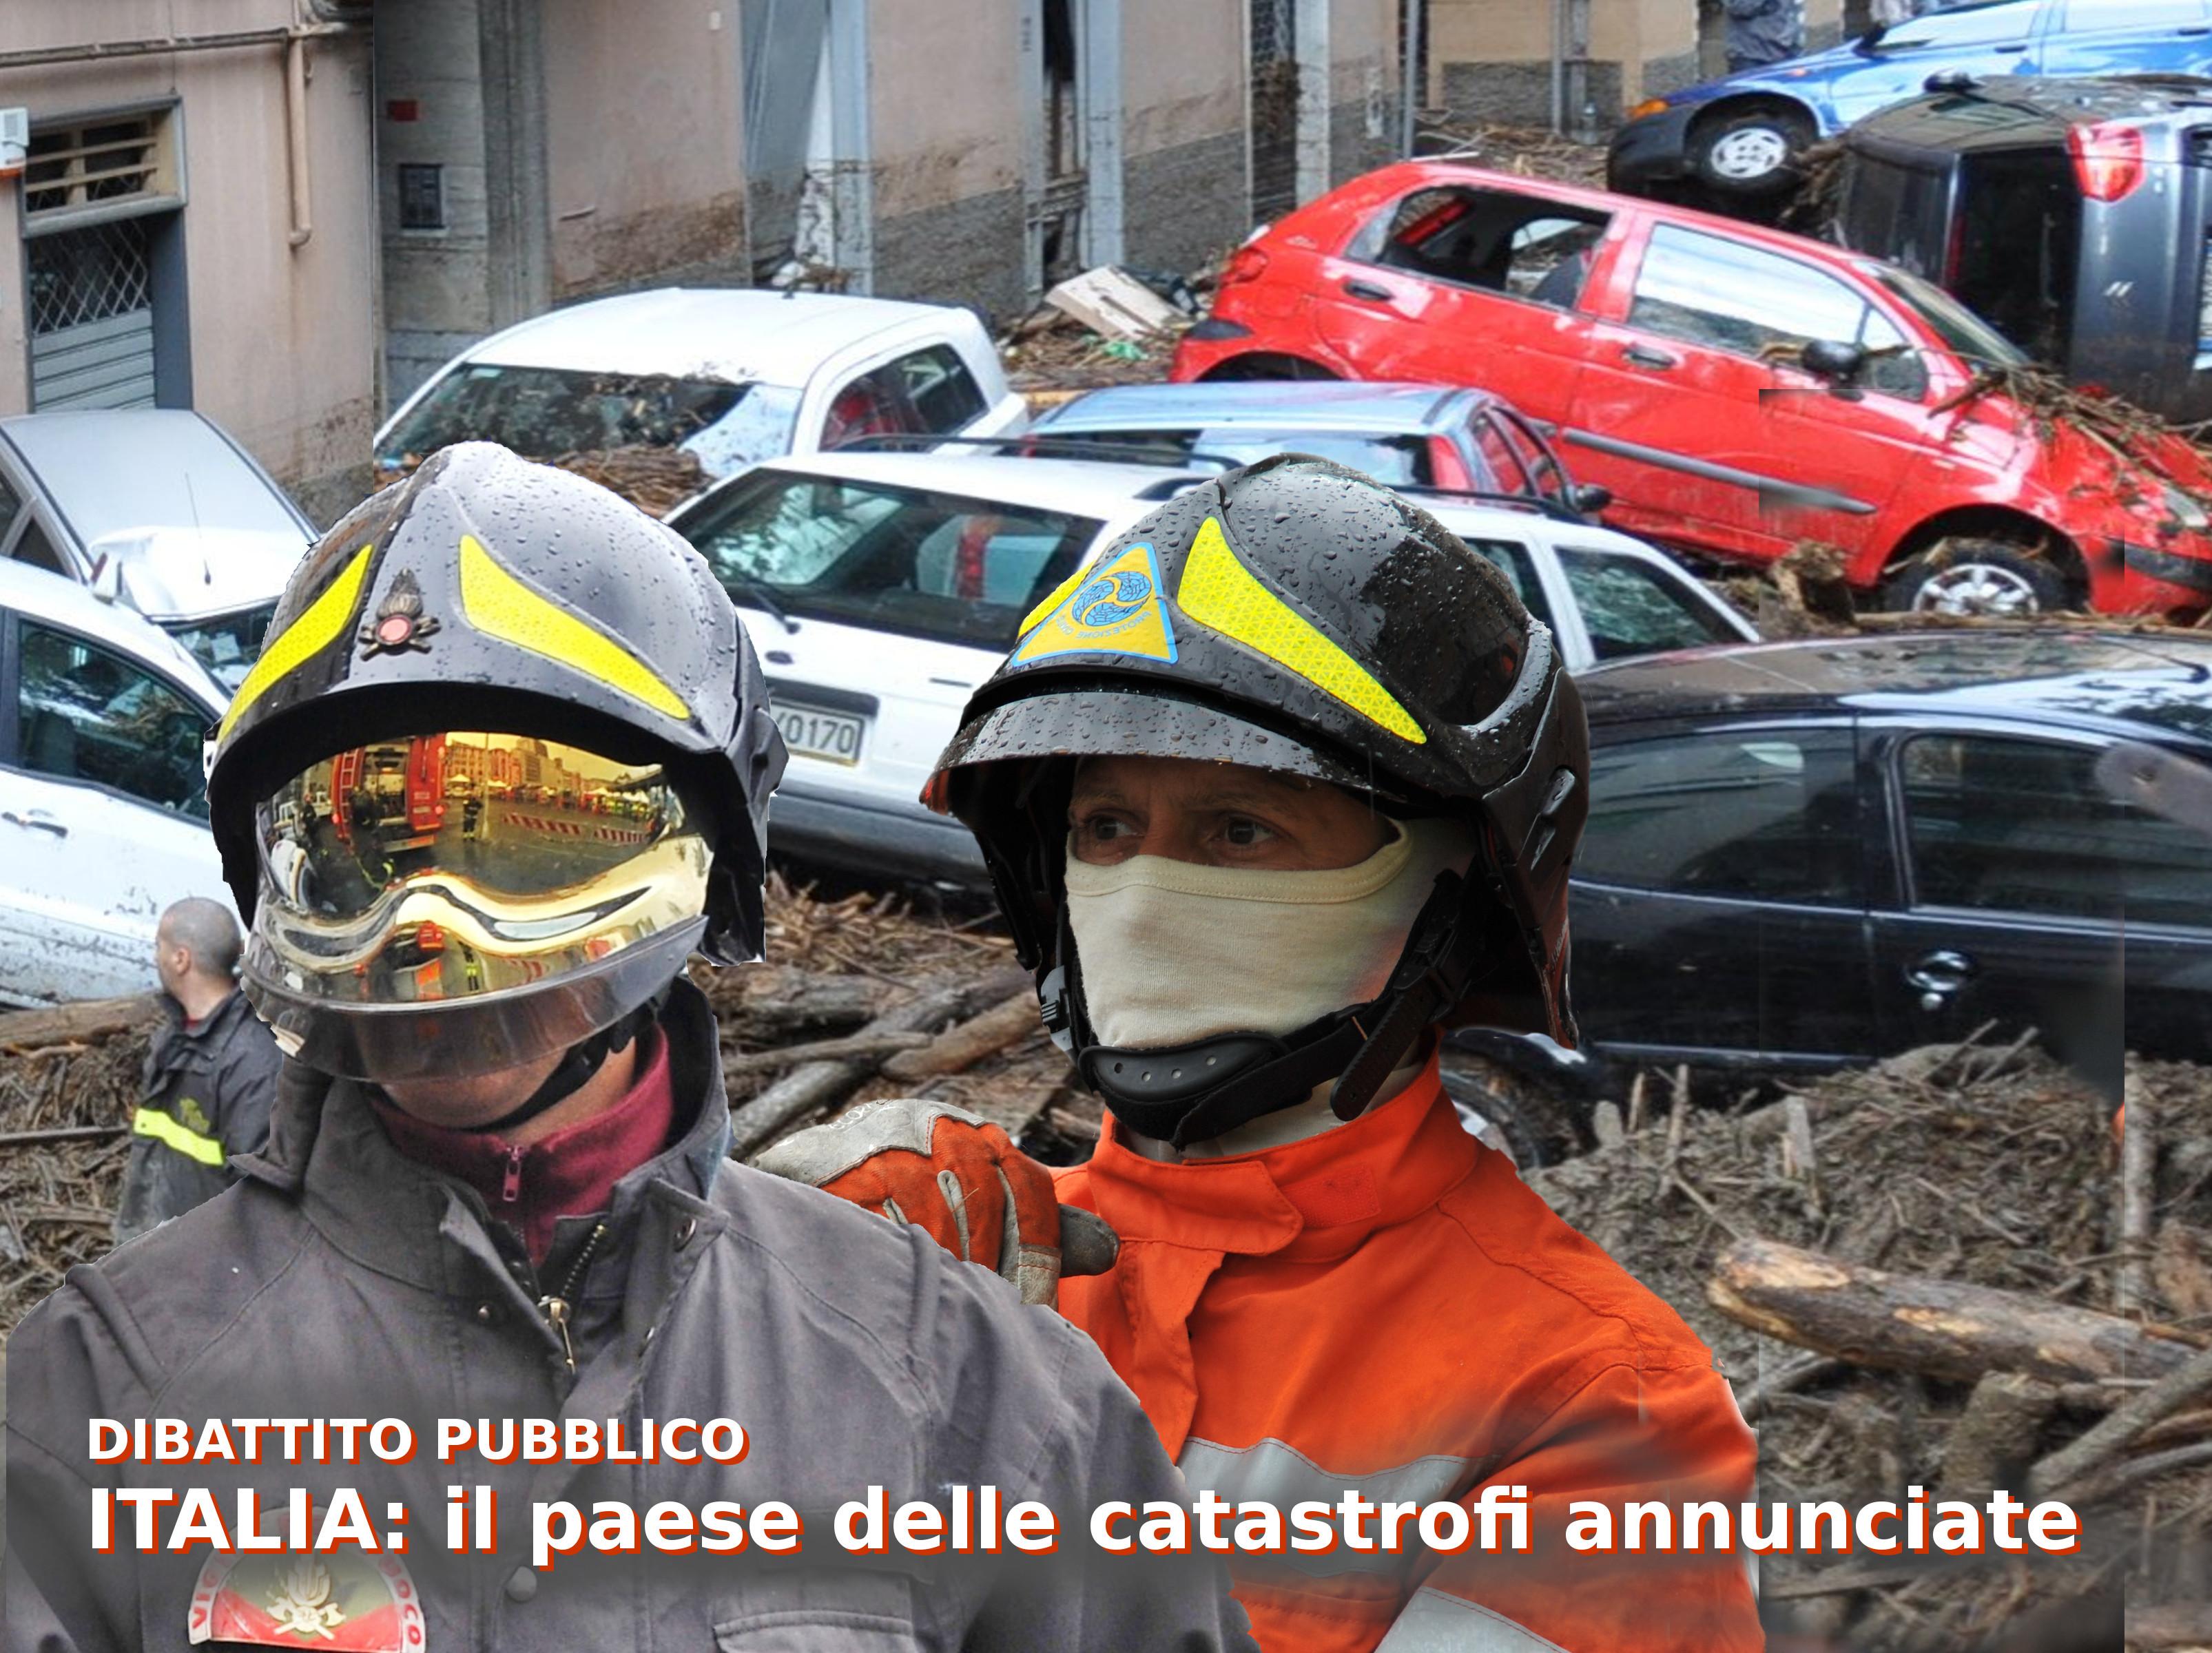 Usb denuncia il disastro idrogeologico del nostro paese per non fermarsi a Genova!